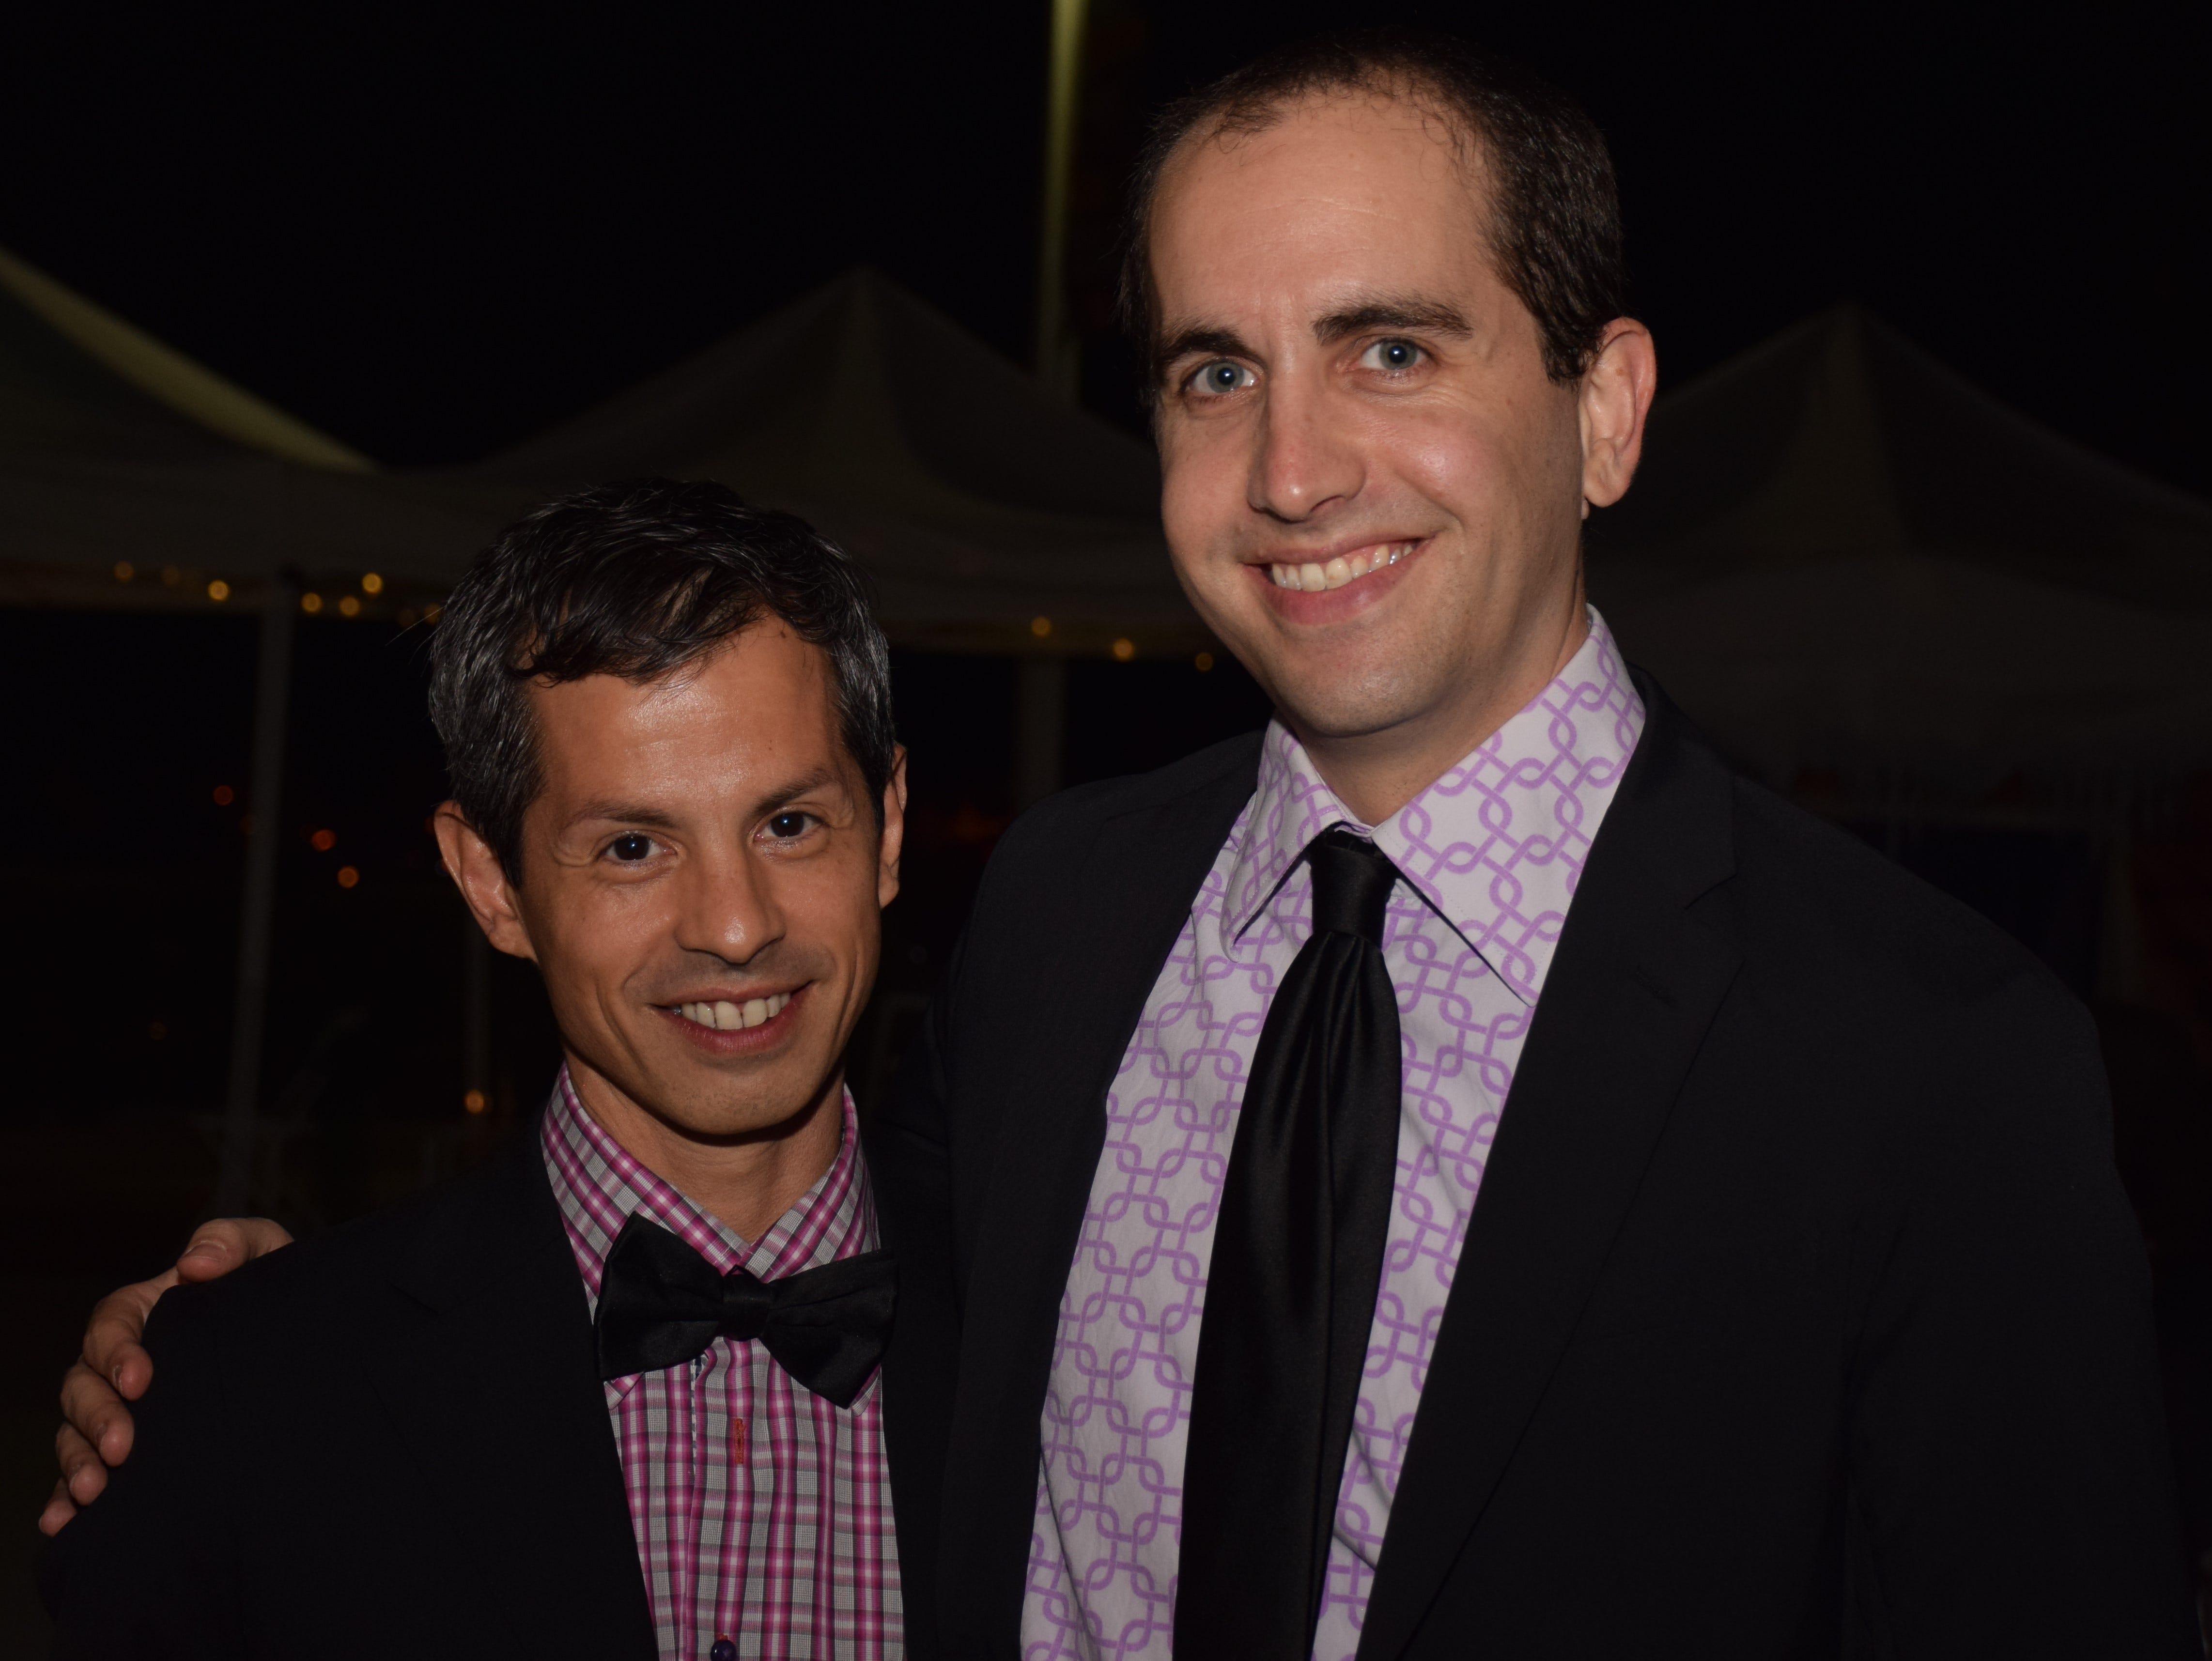 Camillo Rodriguez and Adam Schnell